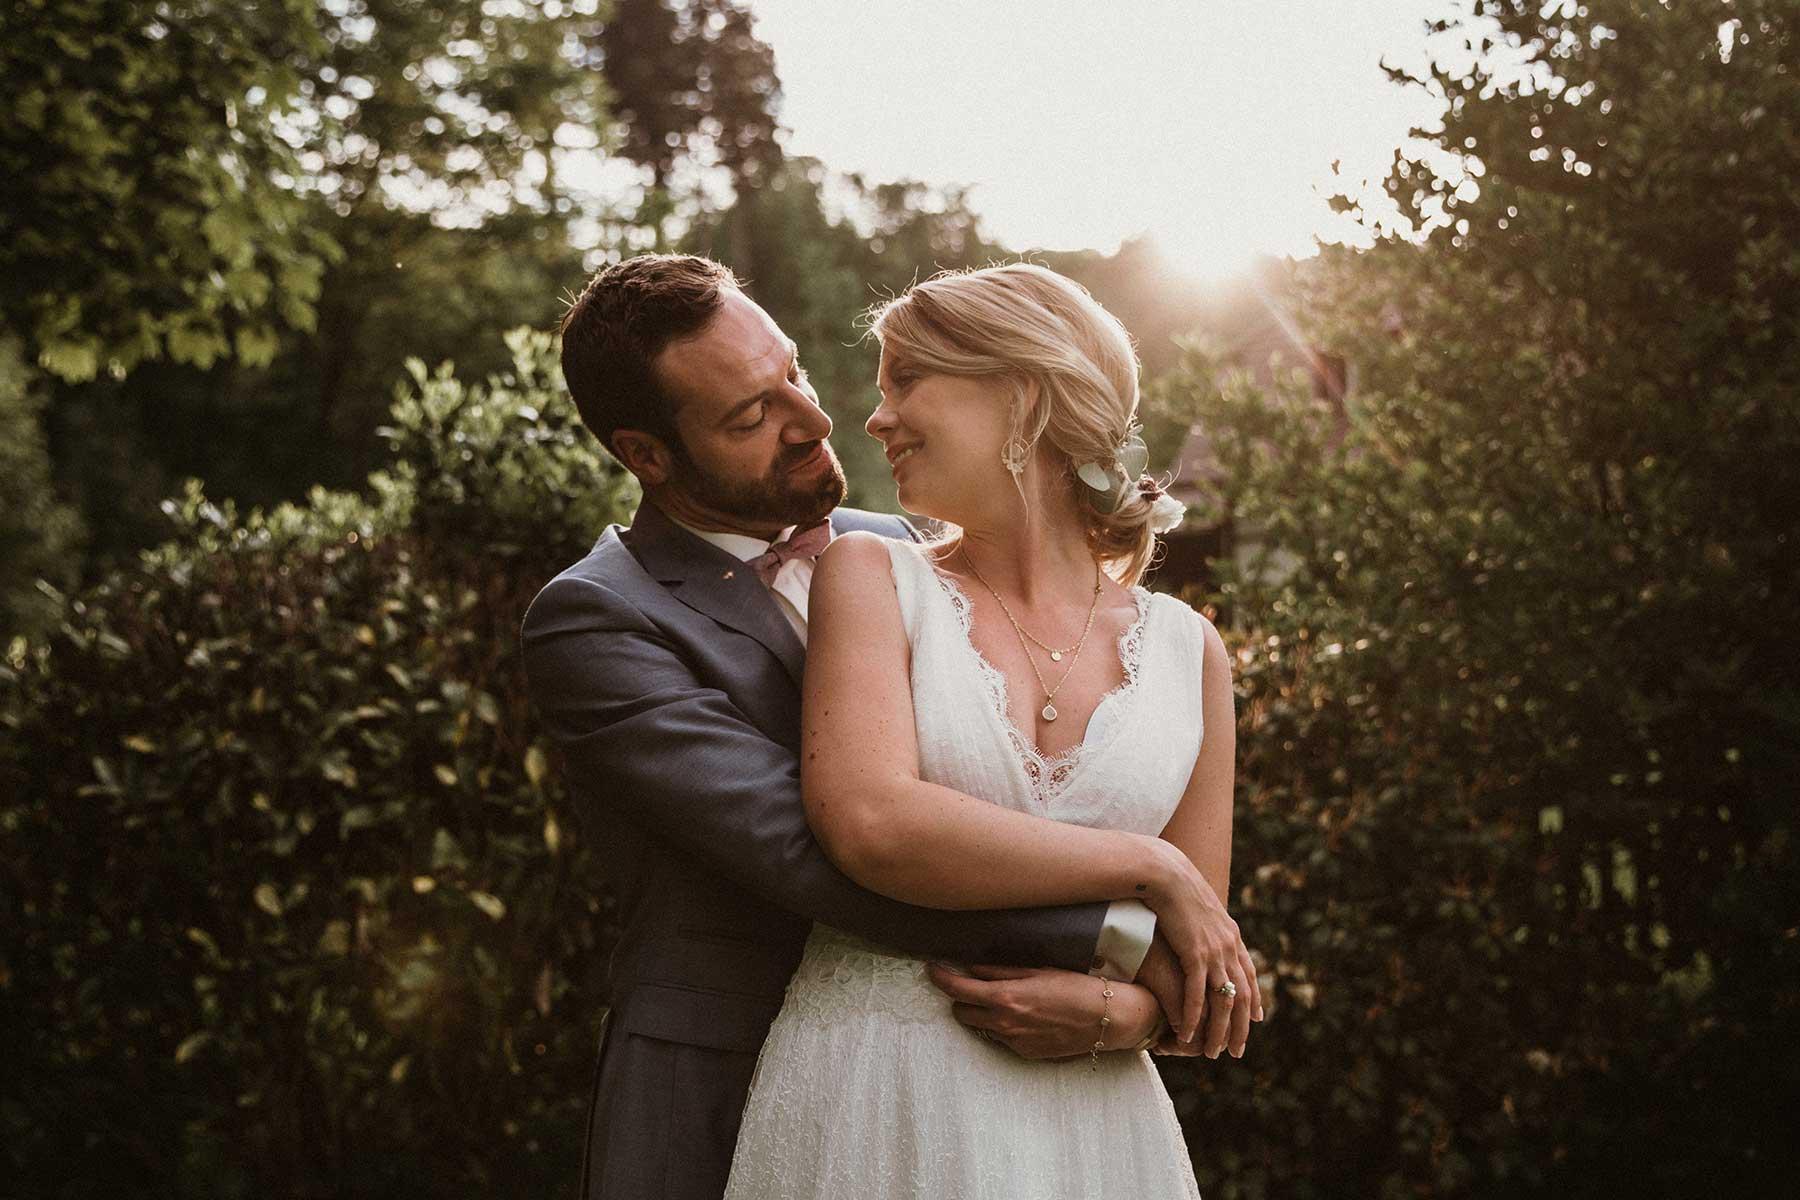 Scheunen-Hochzeit im Grünen – mit liebevollen Ideen